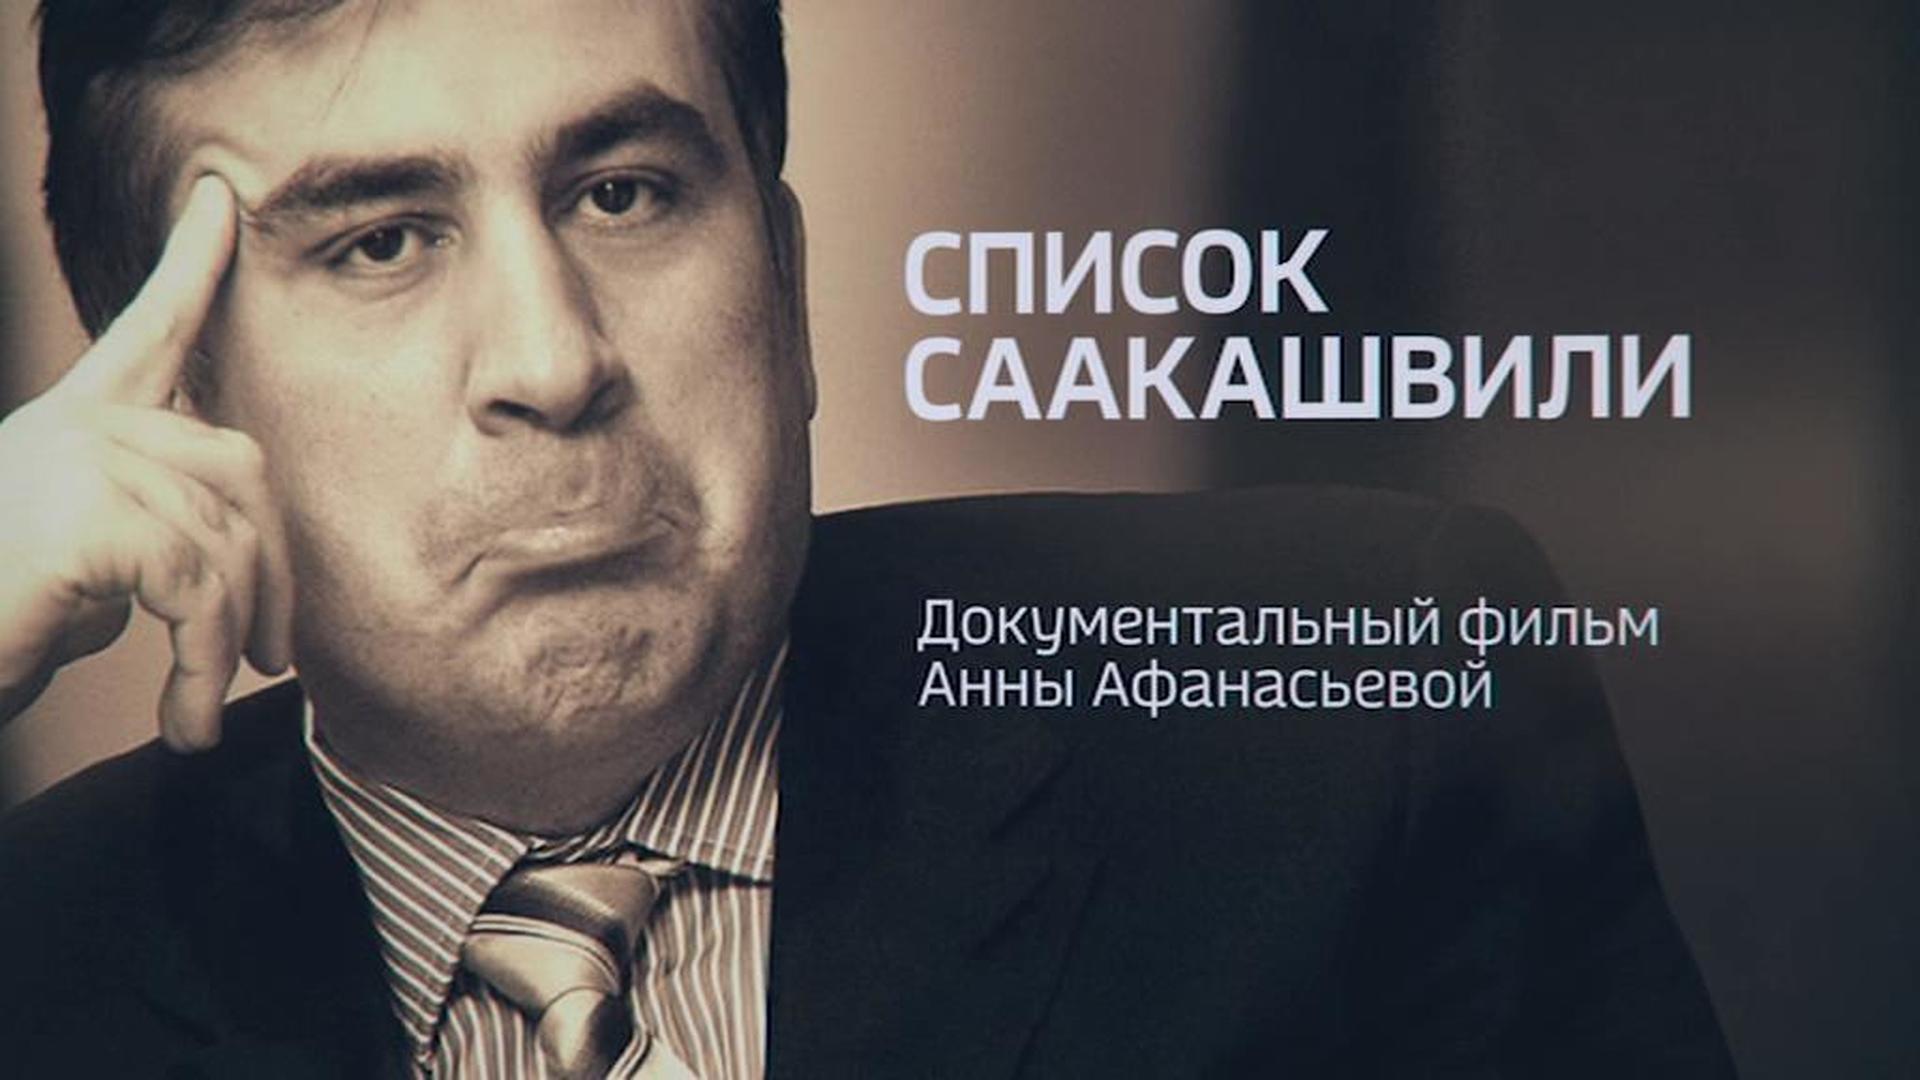 Список Саакашвили